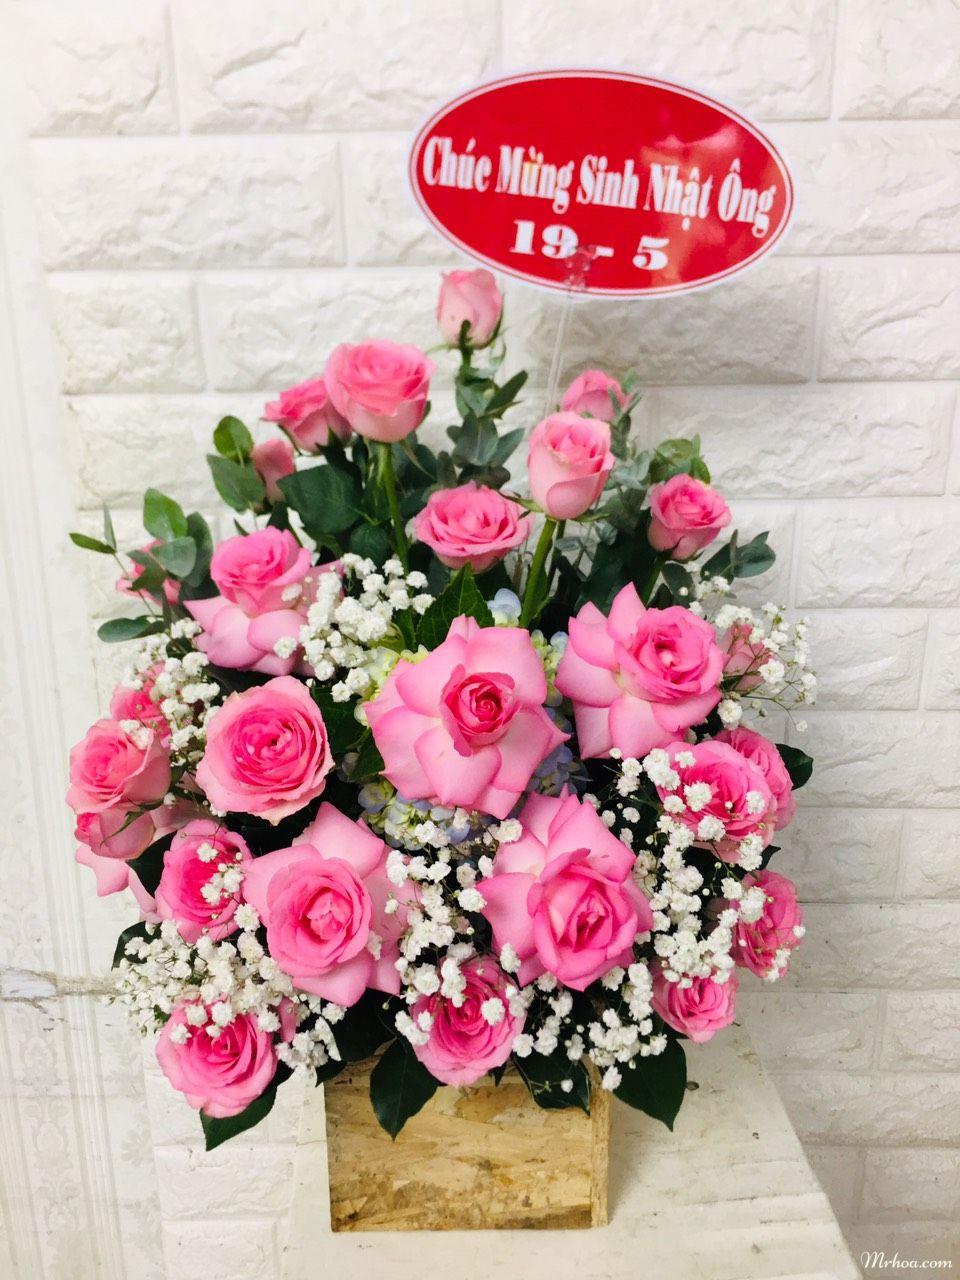 Đặt hoa tại Bình Minh Vĩnh Long